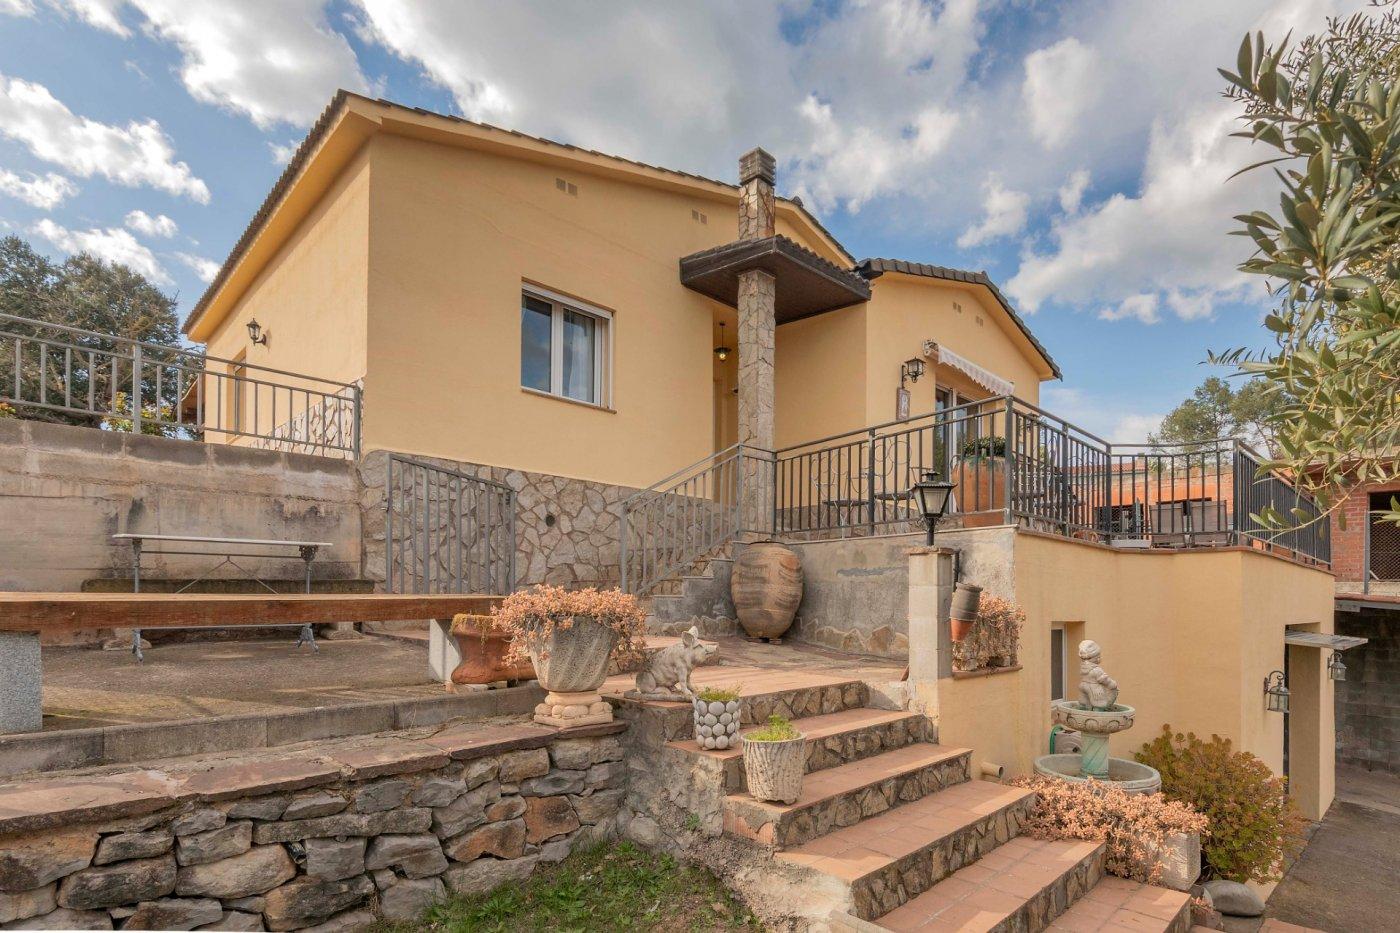 ¡Magnifica casa en zona tranquila y envuelta de naturaleza!